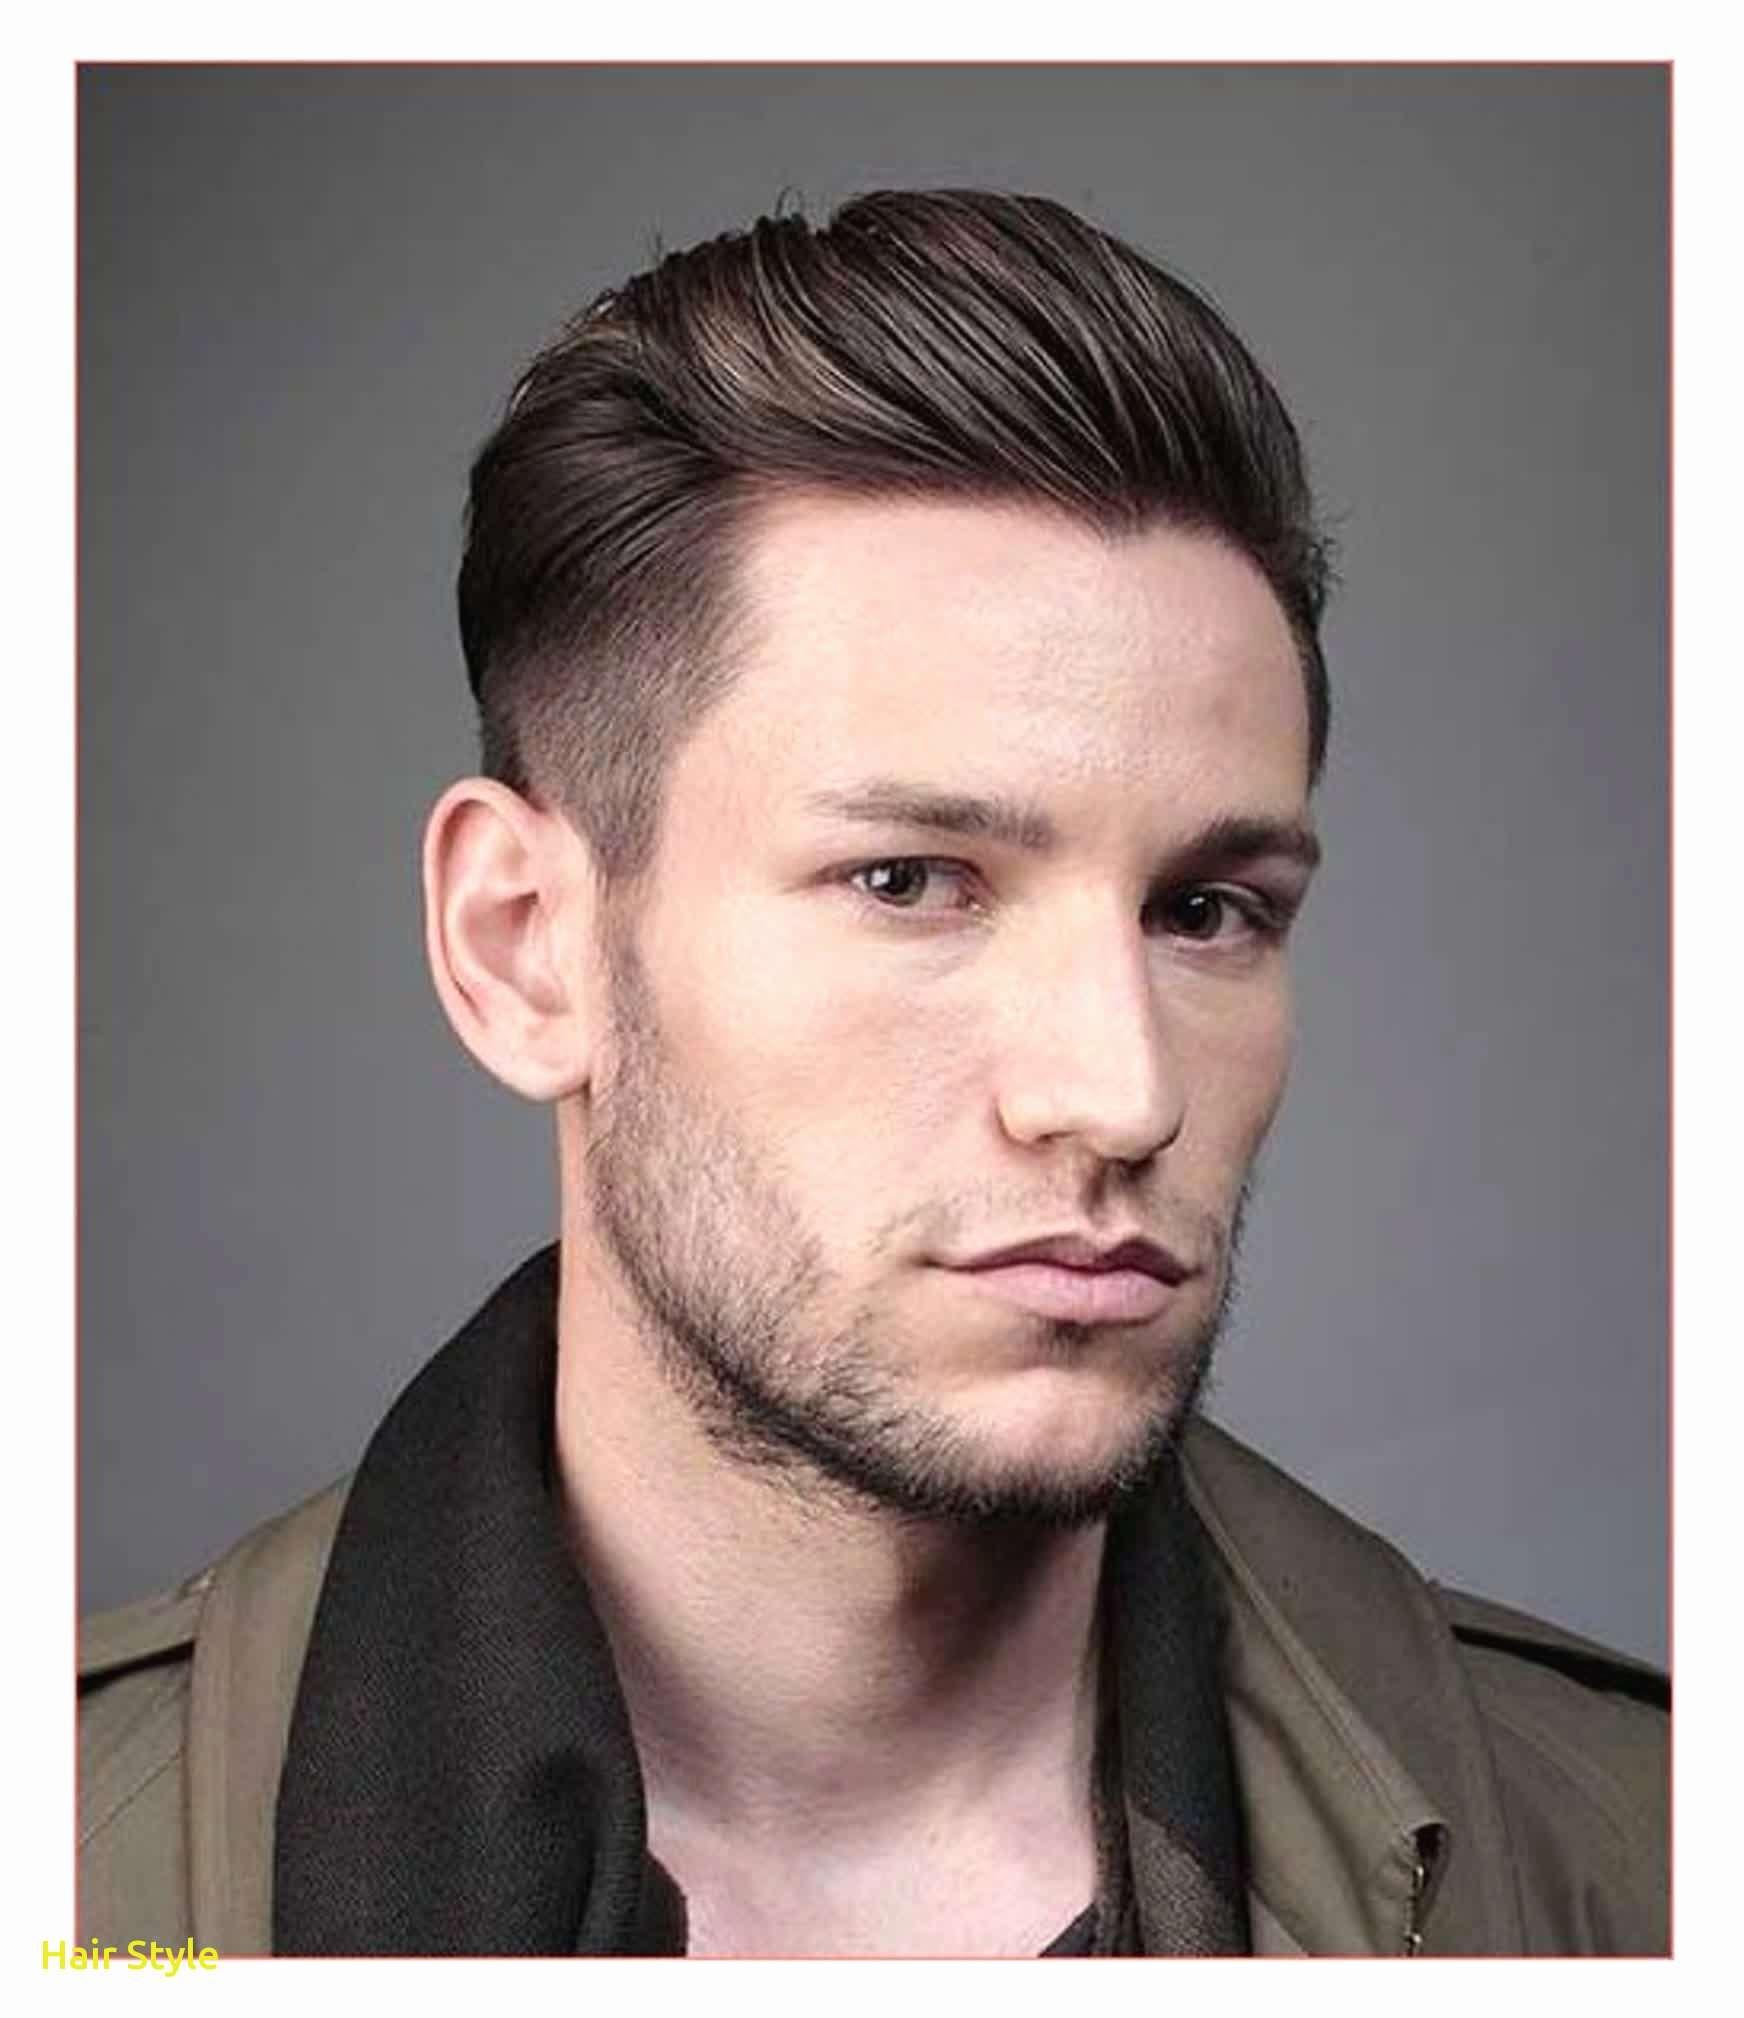 Einzigartige Haarschnitt Männer 2019 Frisur Ideen Pinterest